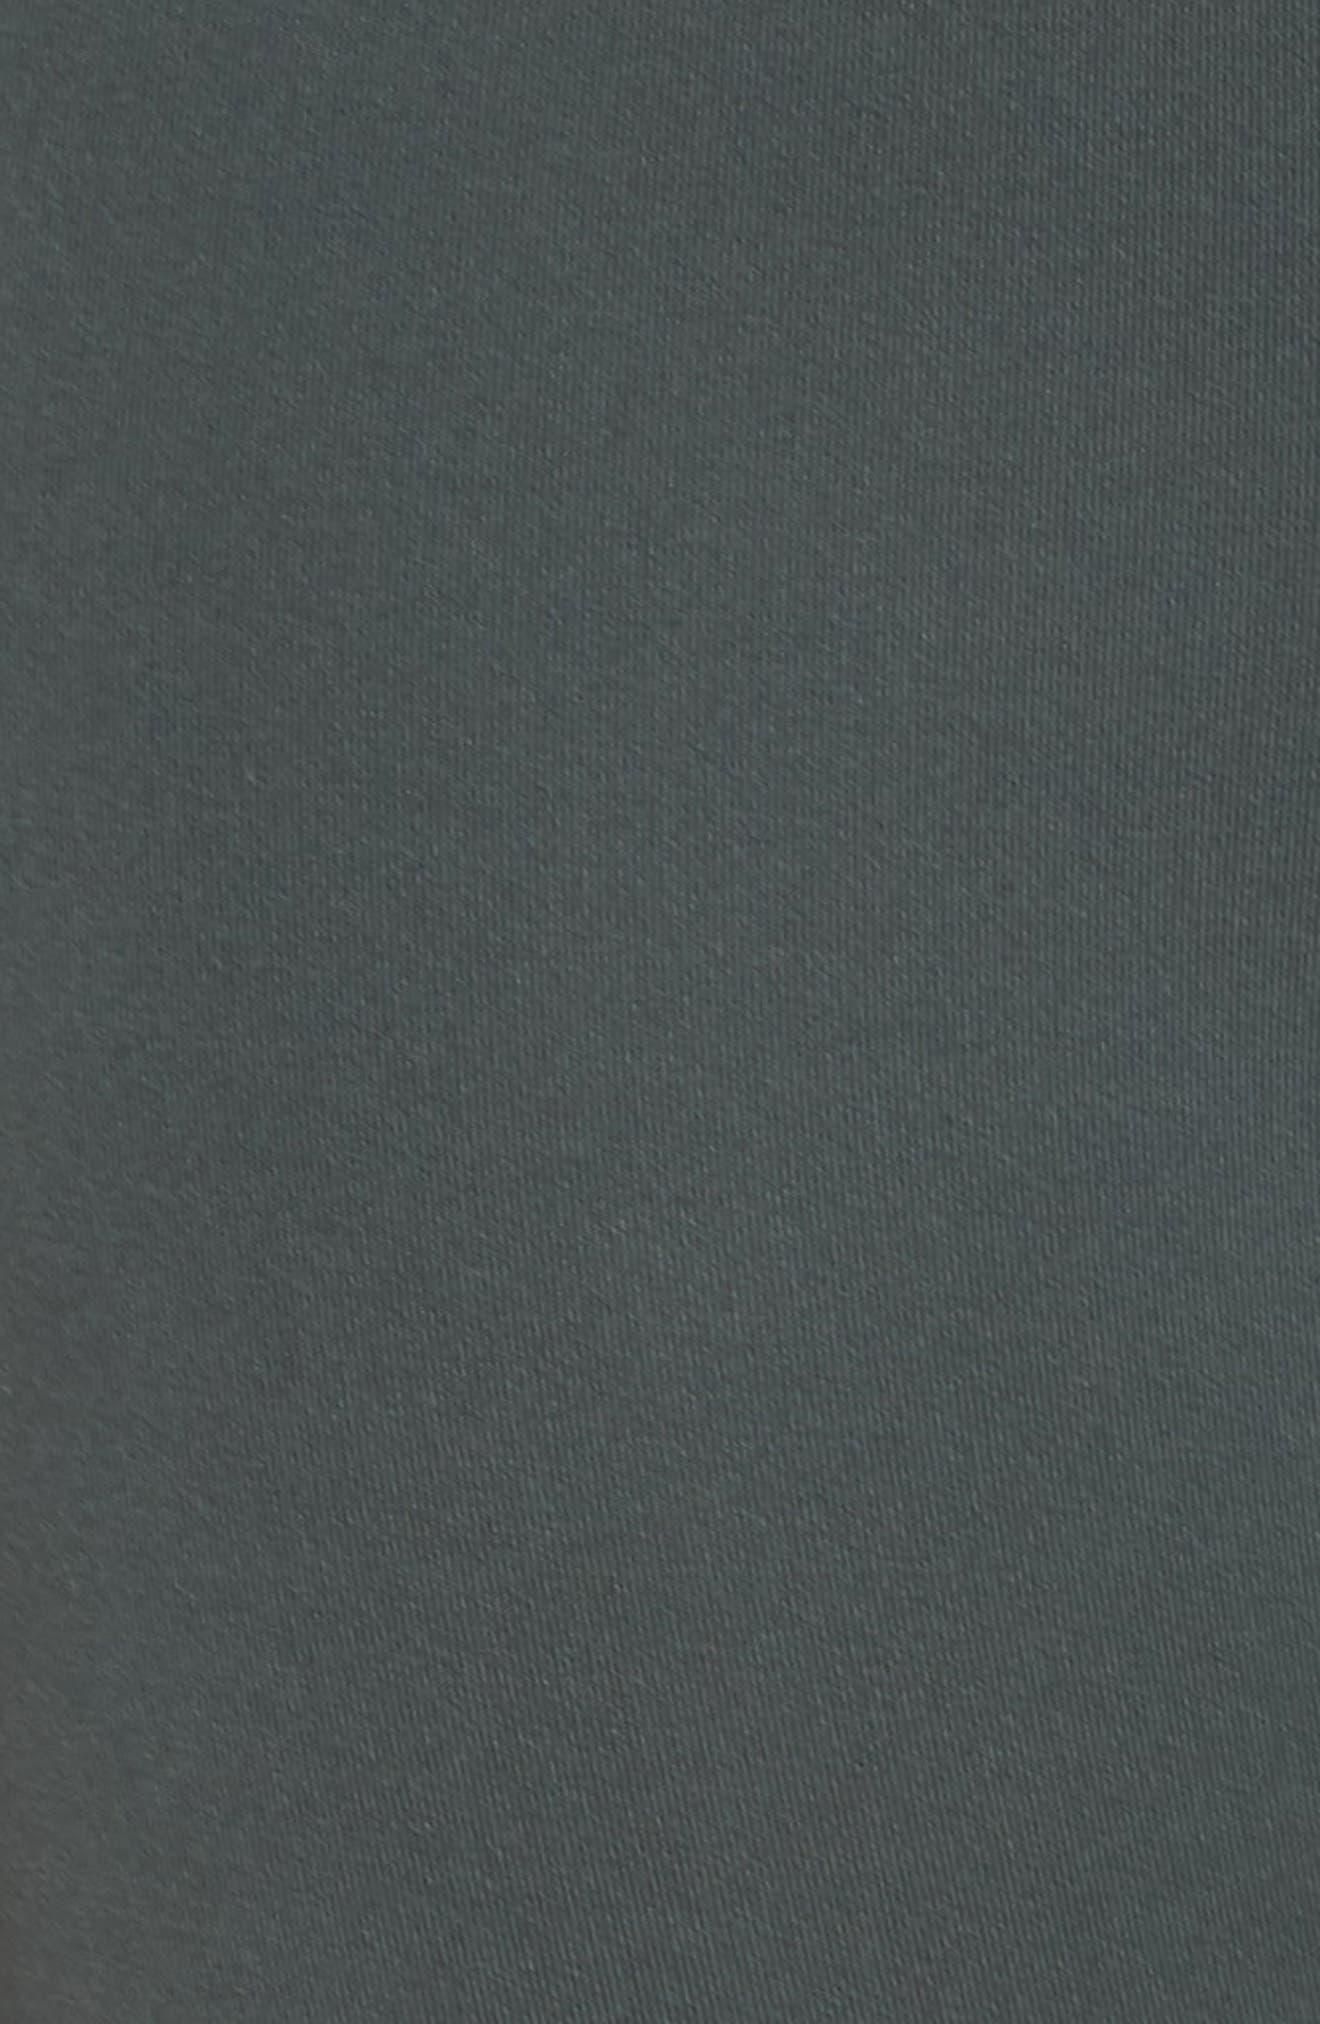 Gemini Cool Recycled Crop Leggings,                             Alternate thumbnail 6, color,                             GREY URBAN